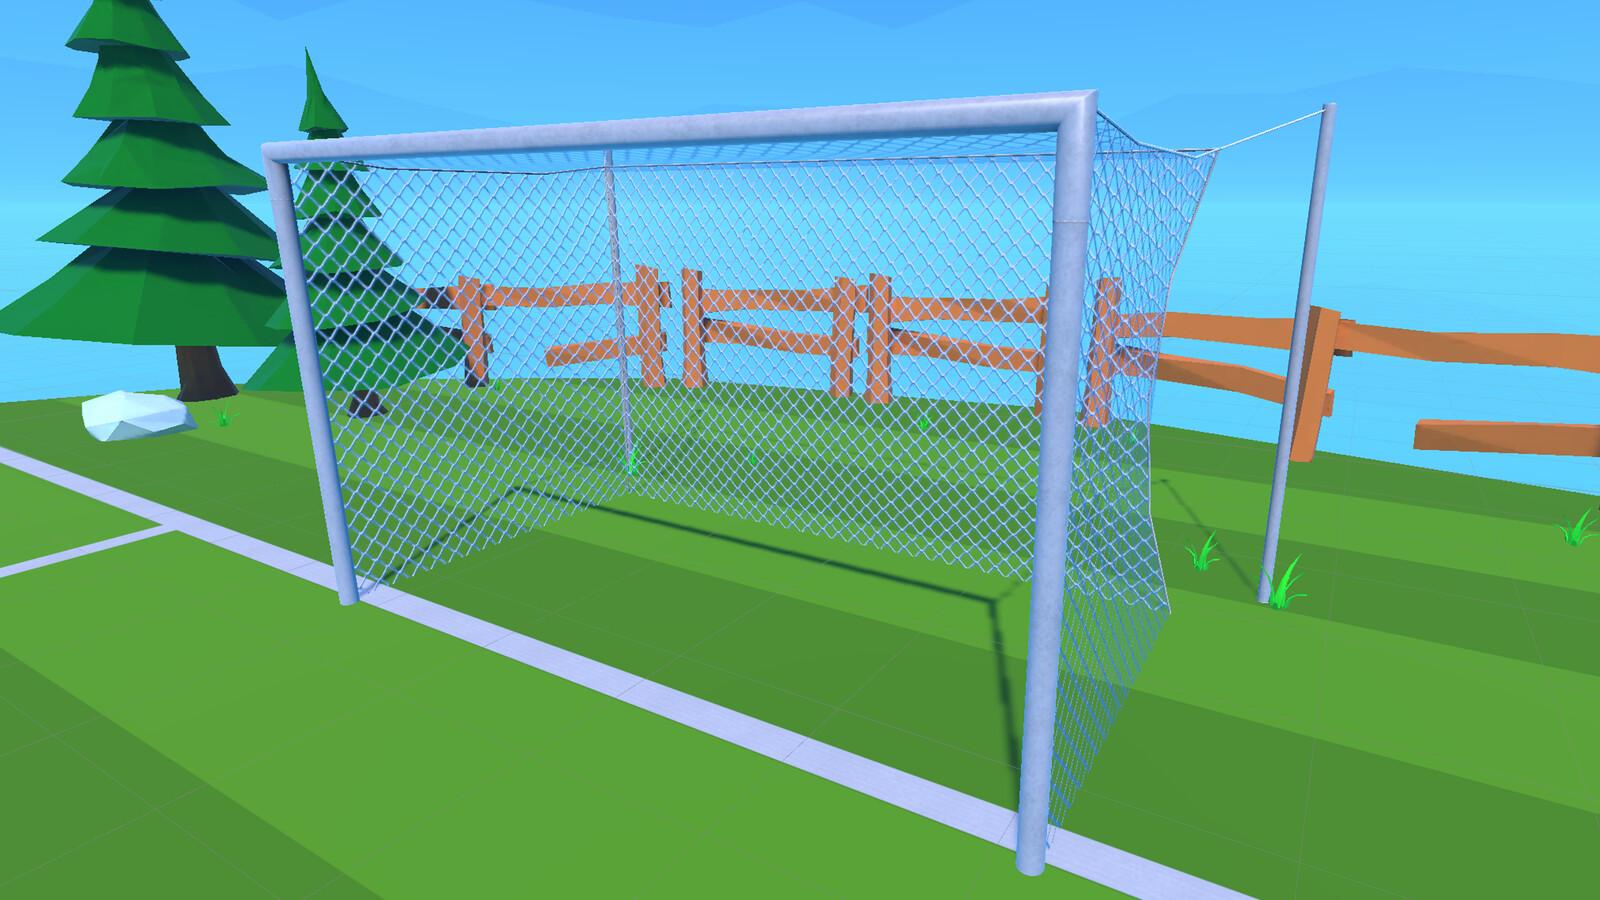 Goal closeup